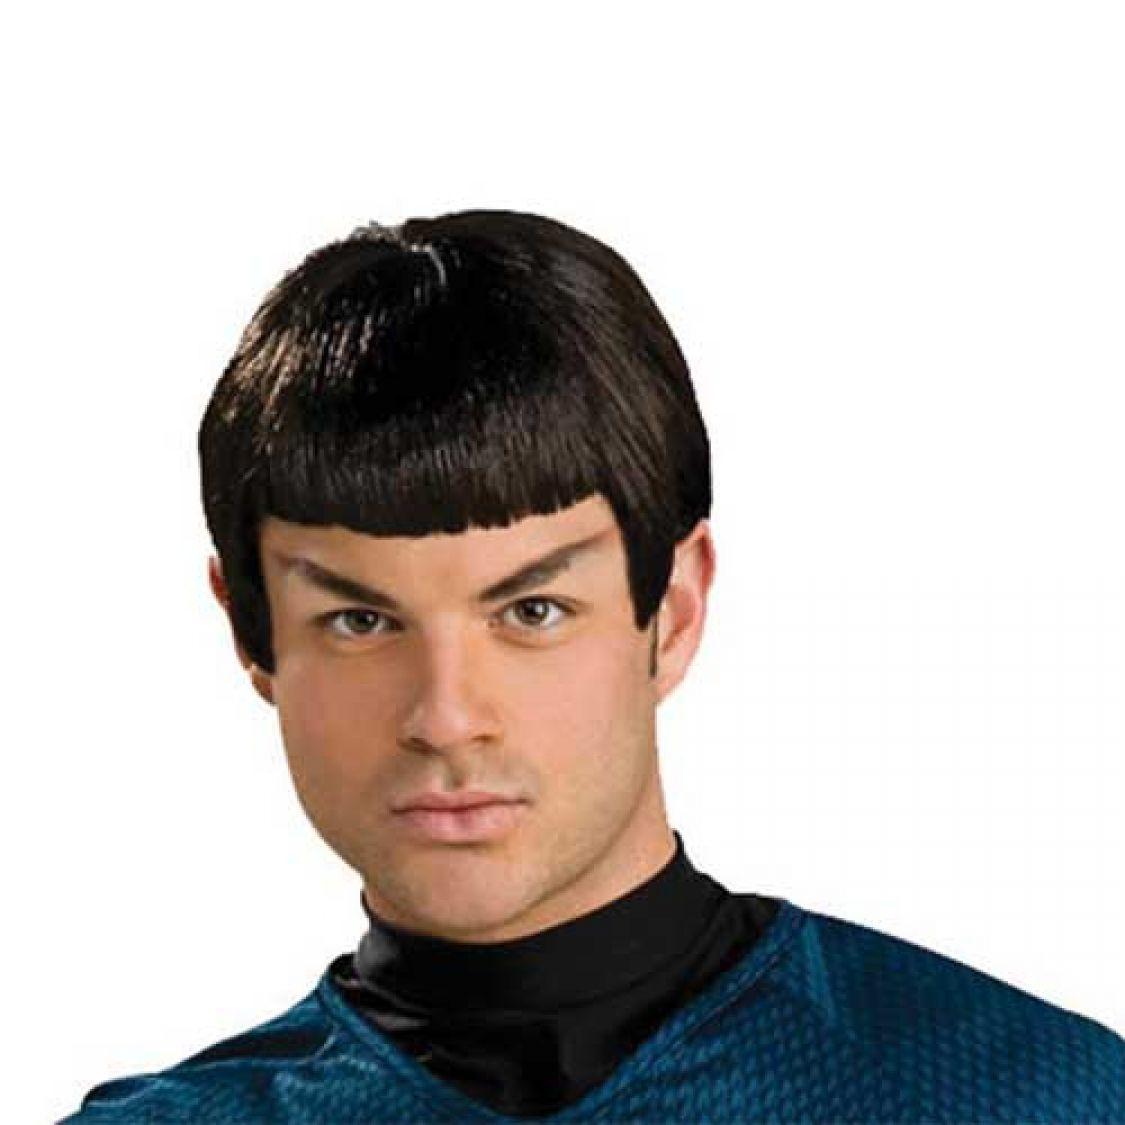 perruque spock star trek adulte. Black Bedroom Furniture Sets. Home Design Ideas